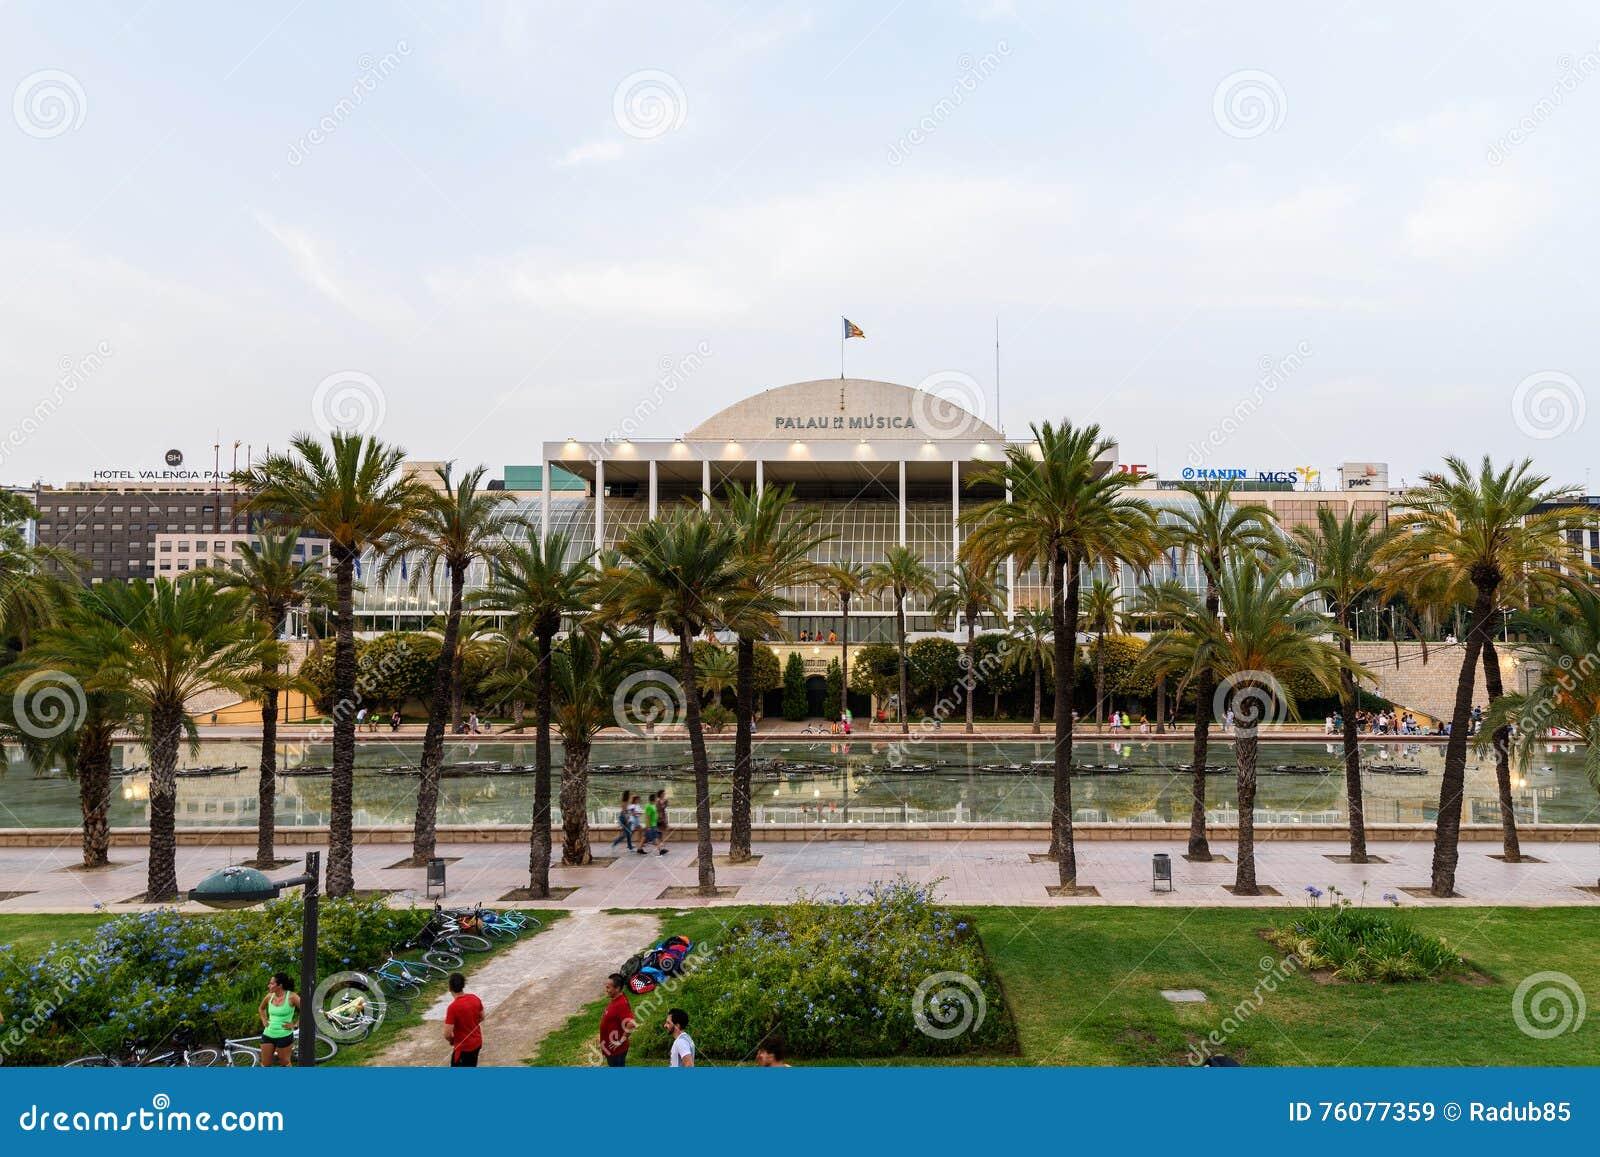 Les Palaos de la Musica de Valence